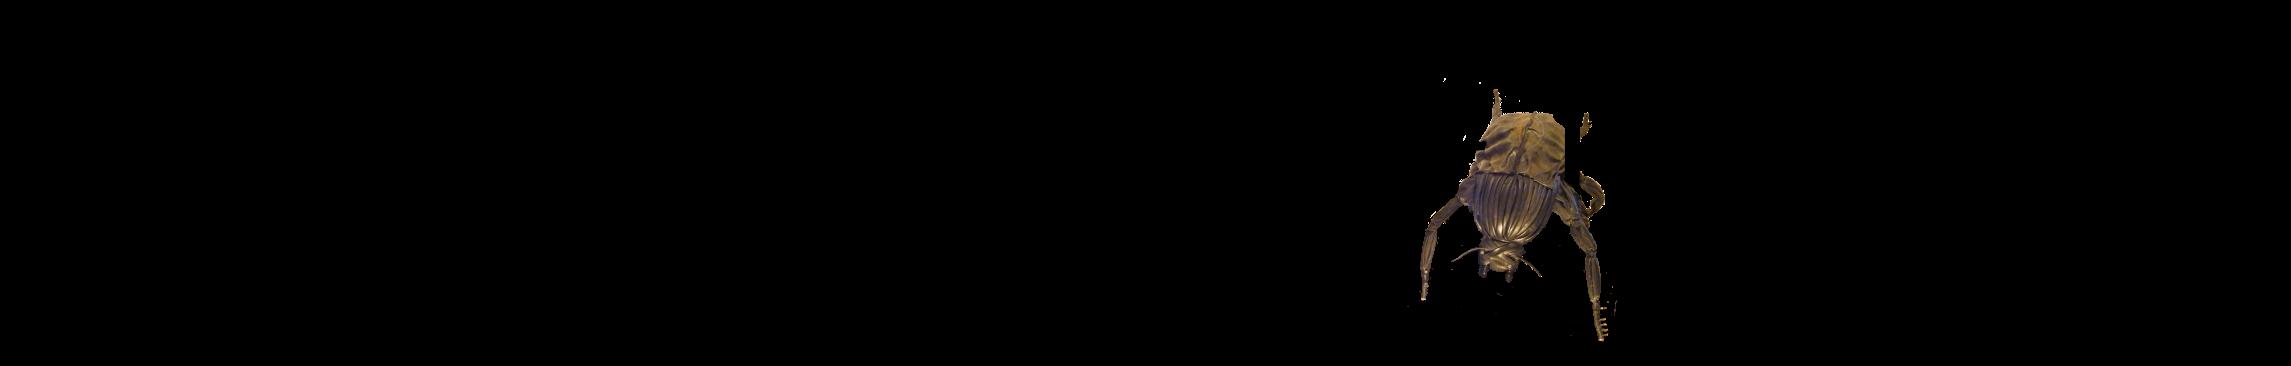 Scaraboeus Caput Hominis